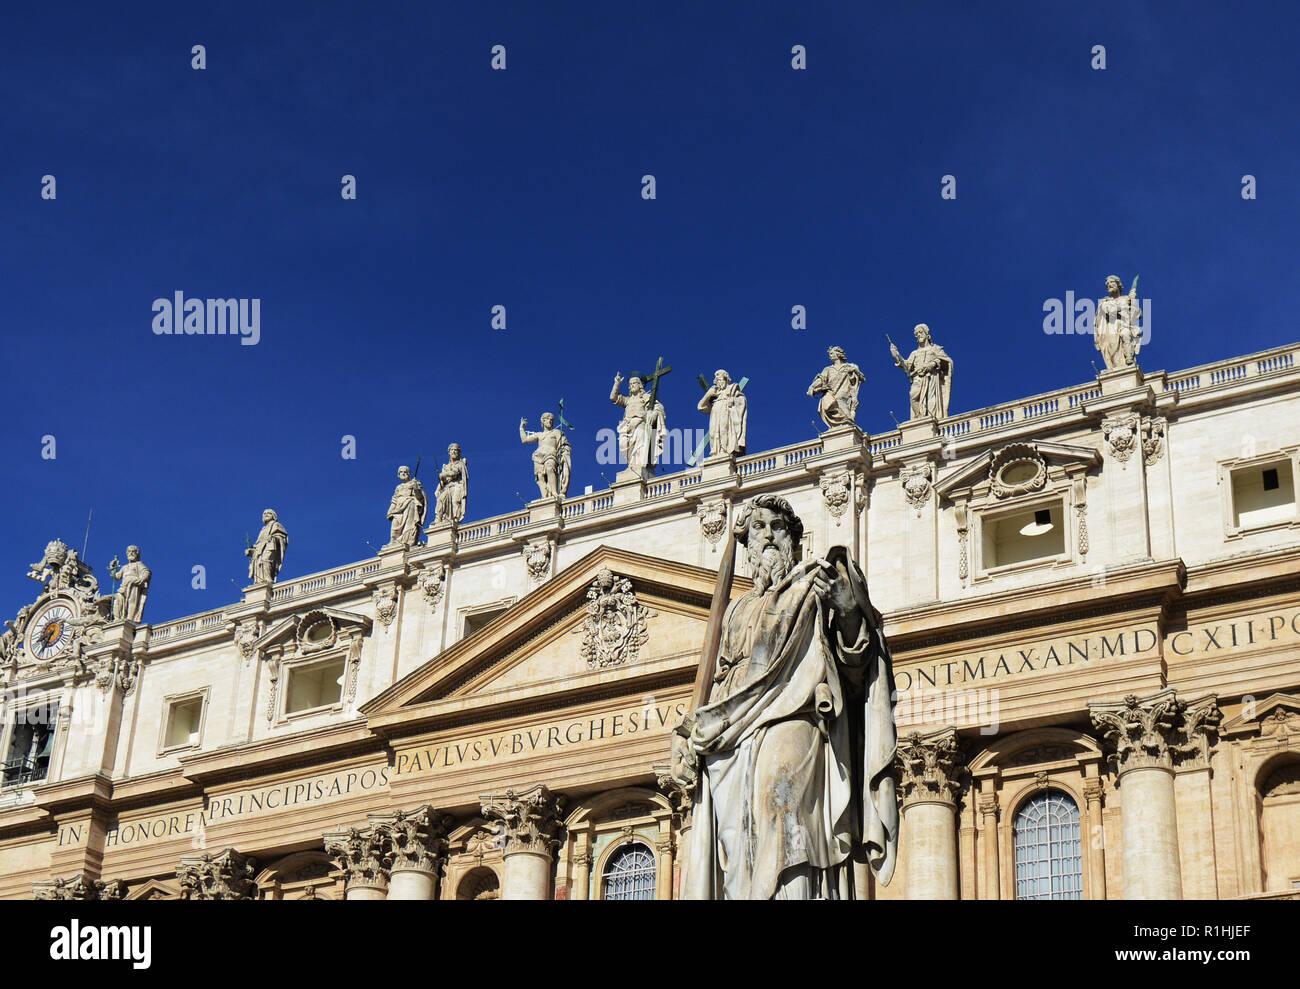 Statue des Hl. Paulus mit Schwert im Vatikan vor der Basilika von St. Peter in Rom, Italien Stockfoto